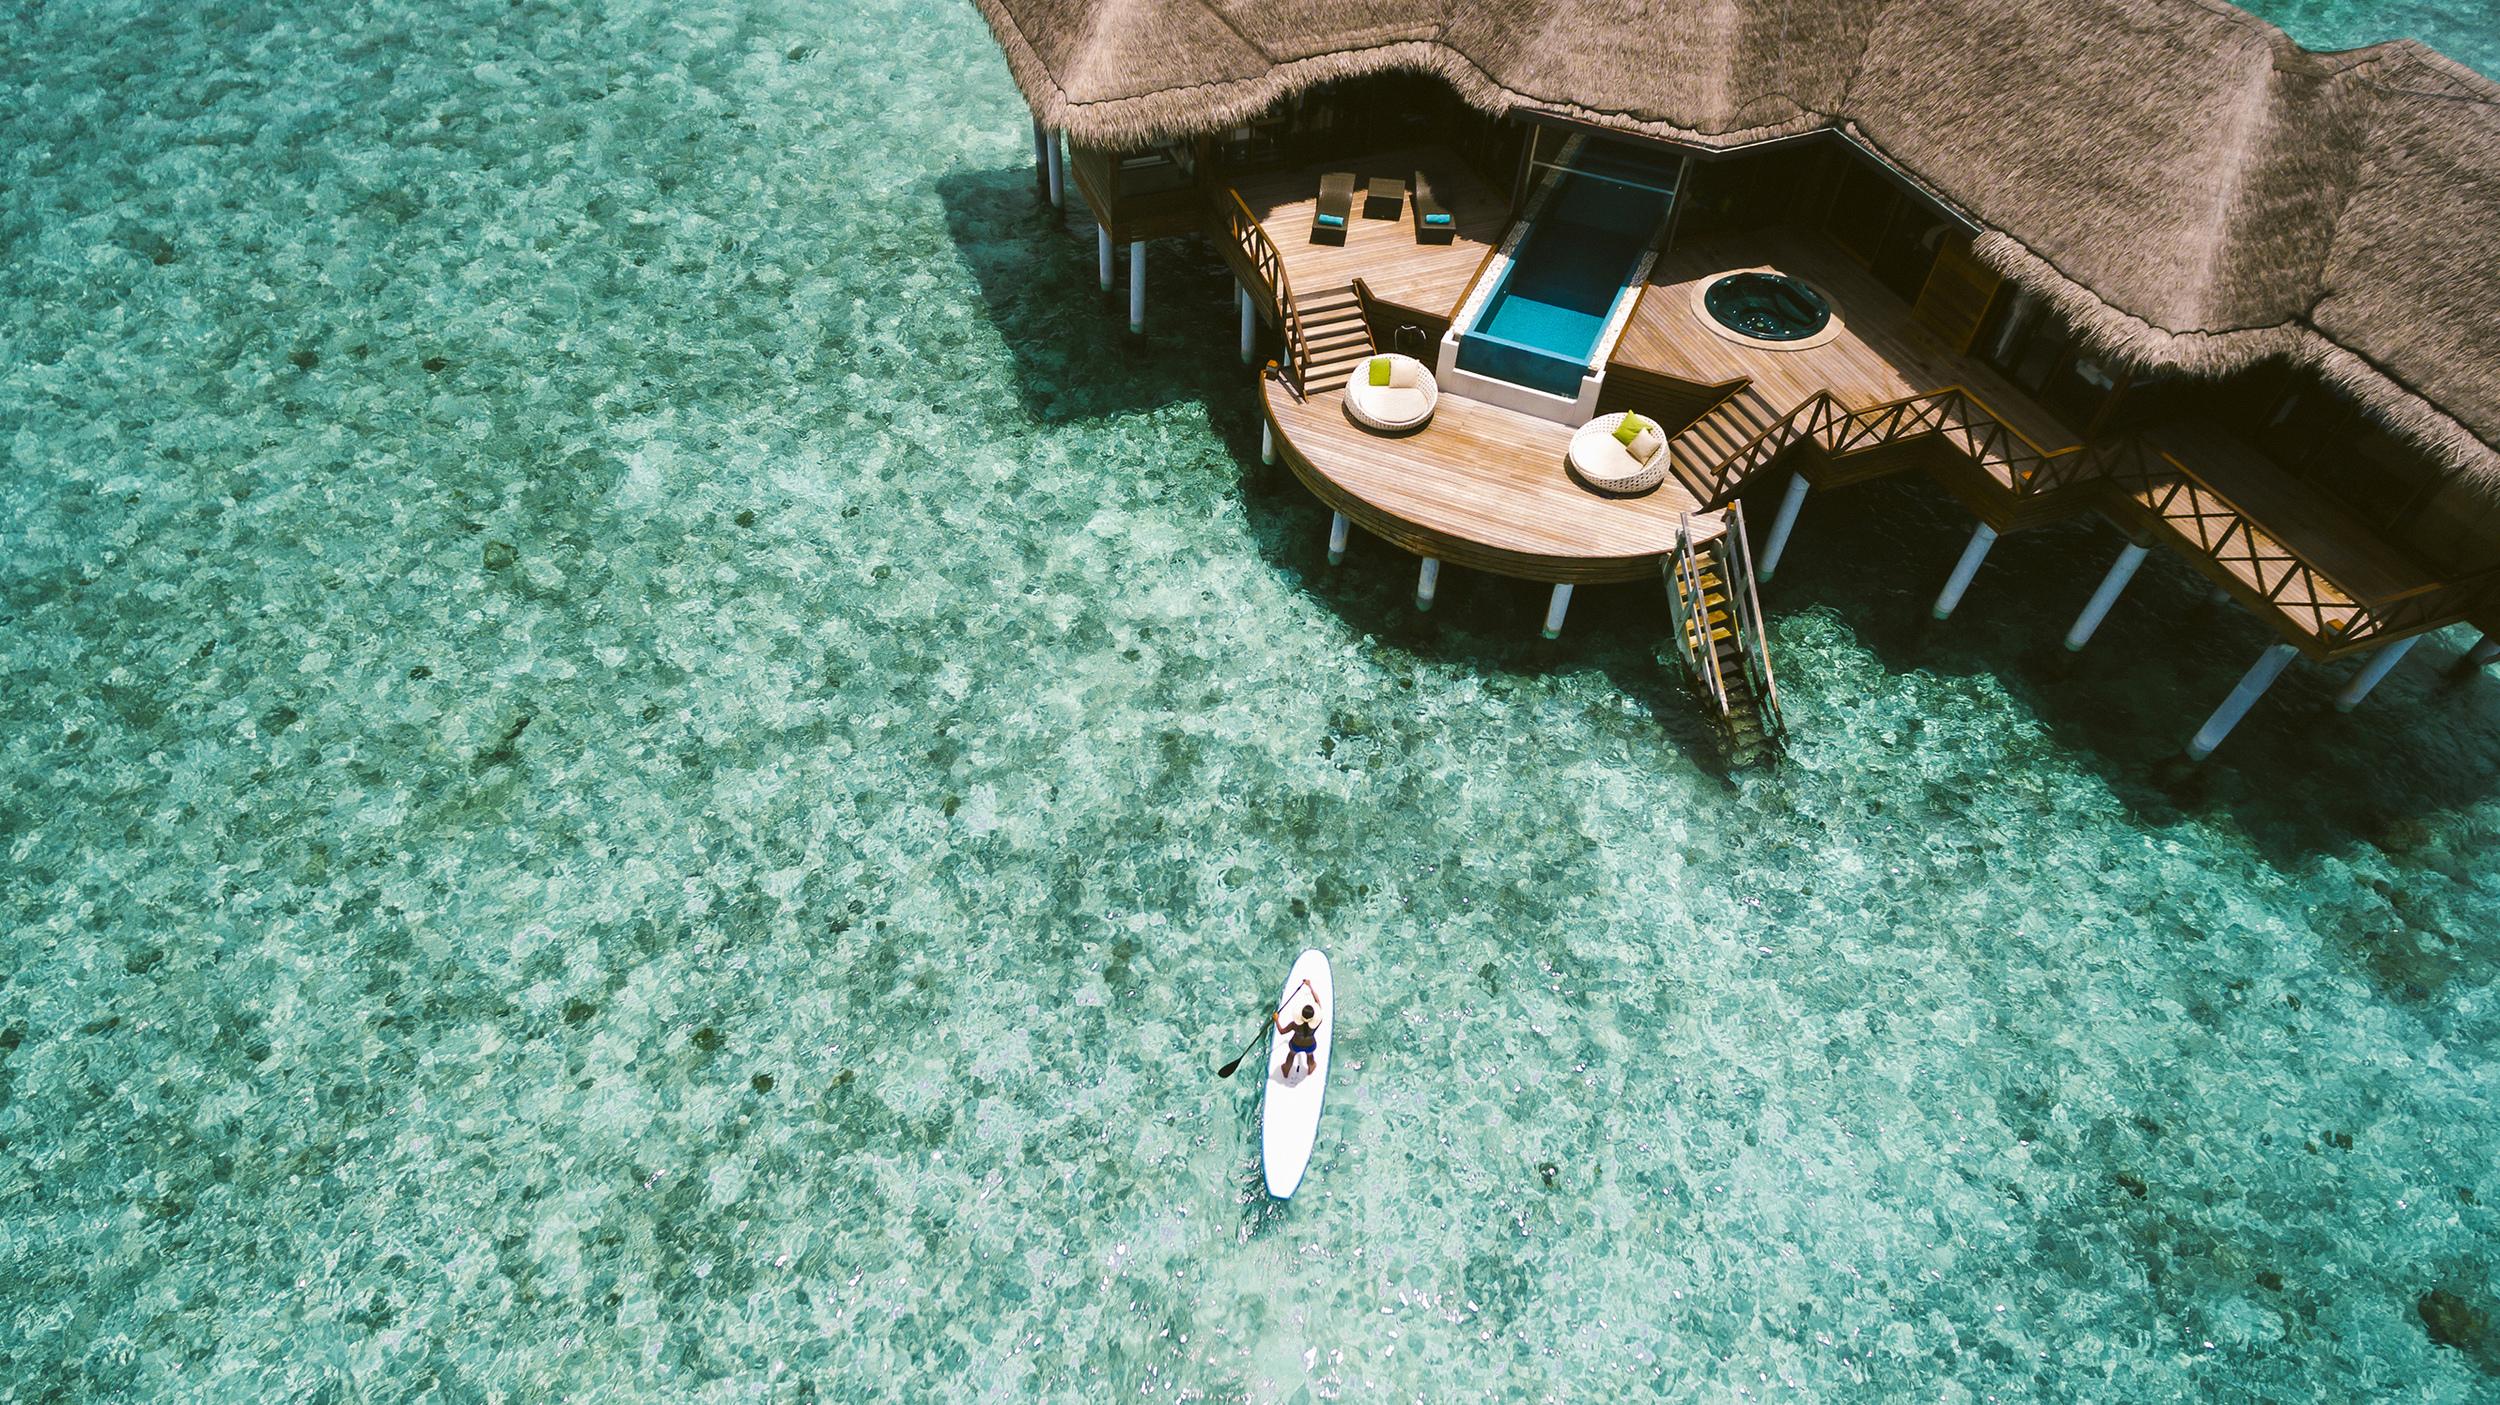 Hi_PHUV_68730301_PHUV_Ocean_Pavilion_Paddle_Board_02_G_A_L.jpg